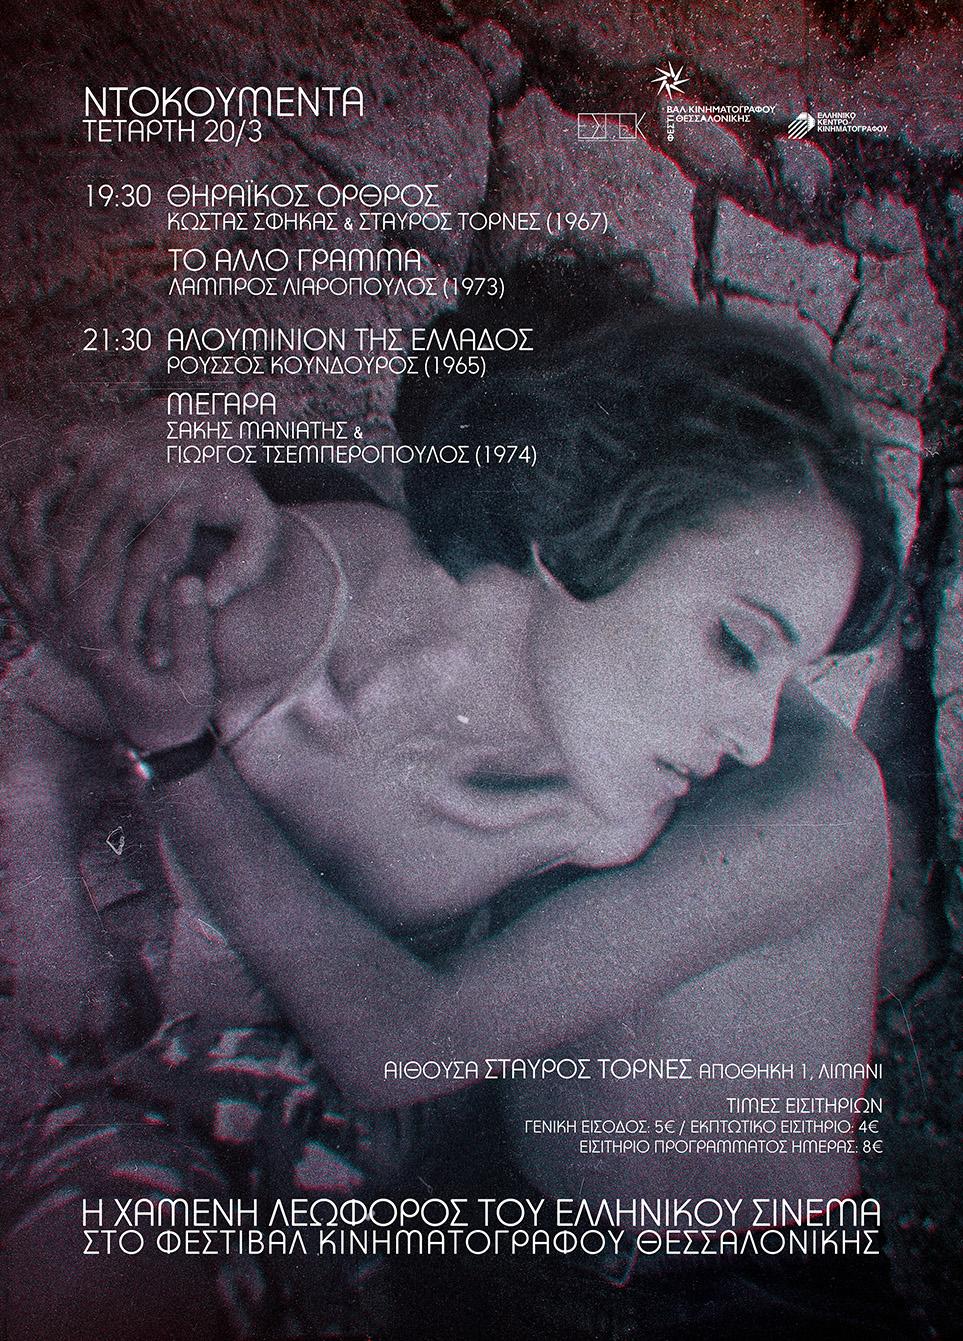 «Η Χαμένη Λεωφόρος του Ελληνικού Σινεμά» στη Θεσσαλονίκη, Τετάρτη 20 Μαρτίου